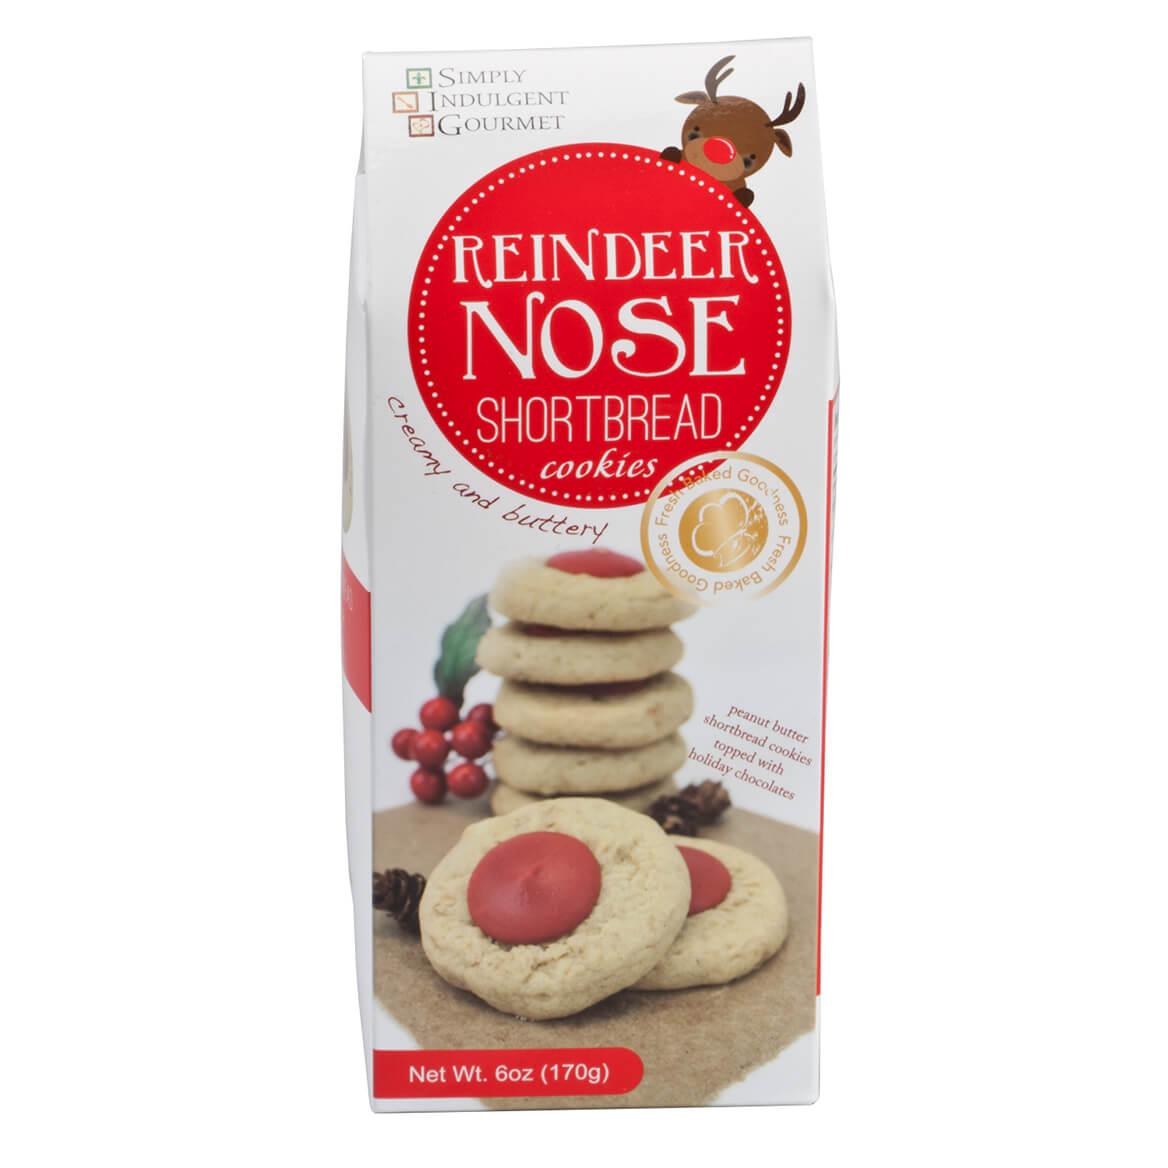 Reindeer Nose Peanut Butter Cookies 6 oz.